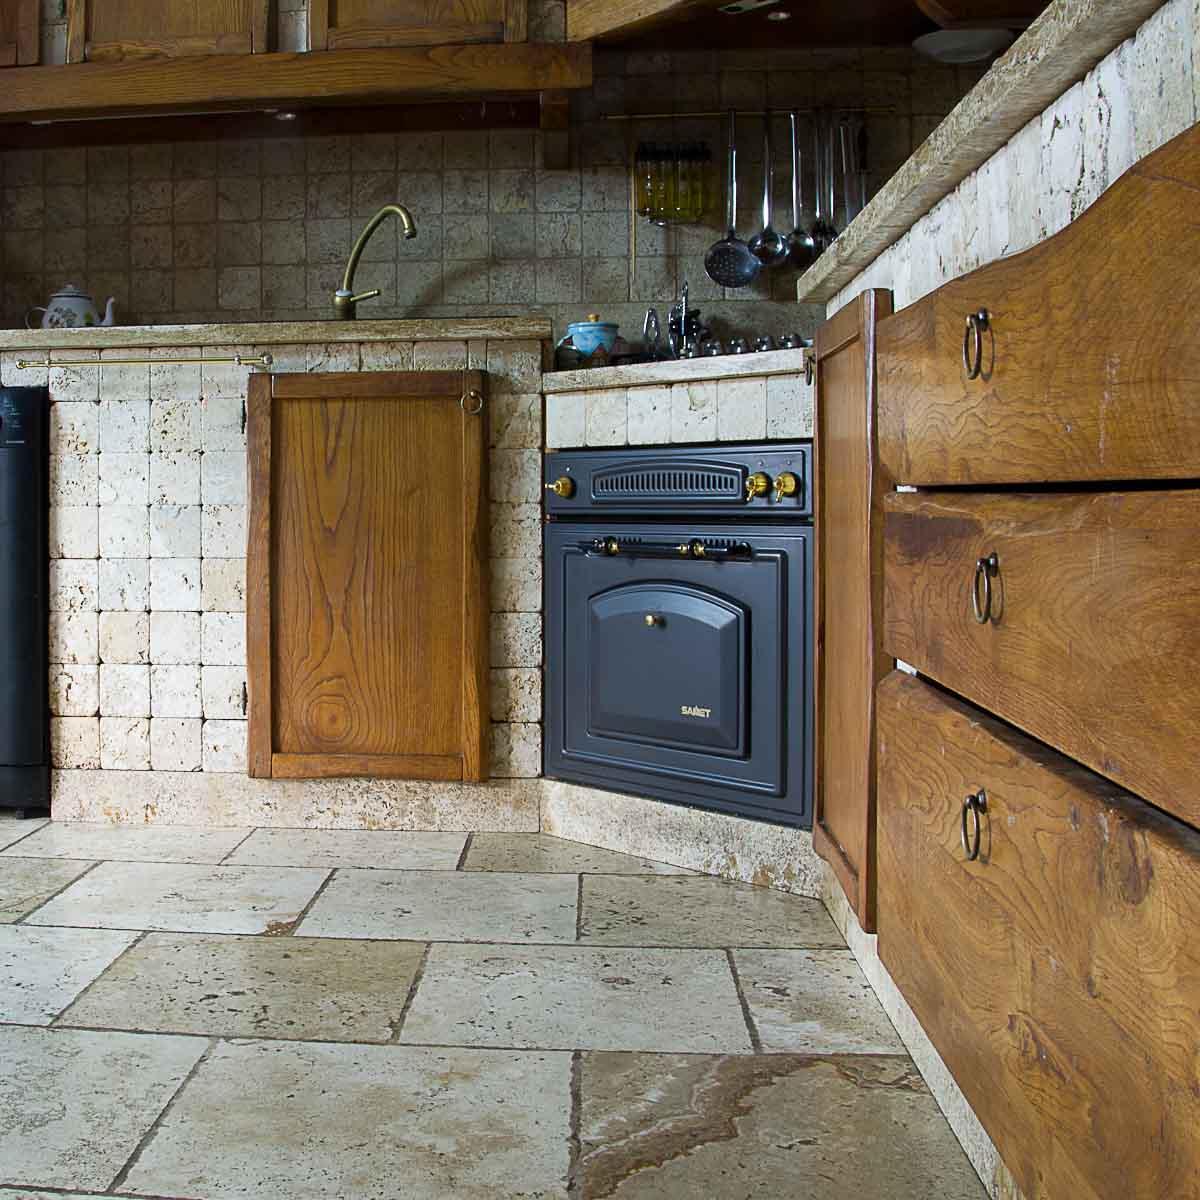 Full Size of Beistelltisch Küche Sideboard Mit Arbeitsplatte Kochinsel Modul Spritzschutz Plexiglas Pantryküche Kühlschrank Miniküche Salamander Led Beleuchtung Eiche Wohnzimmer Gemauerte Küche